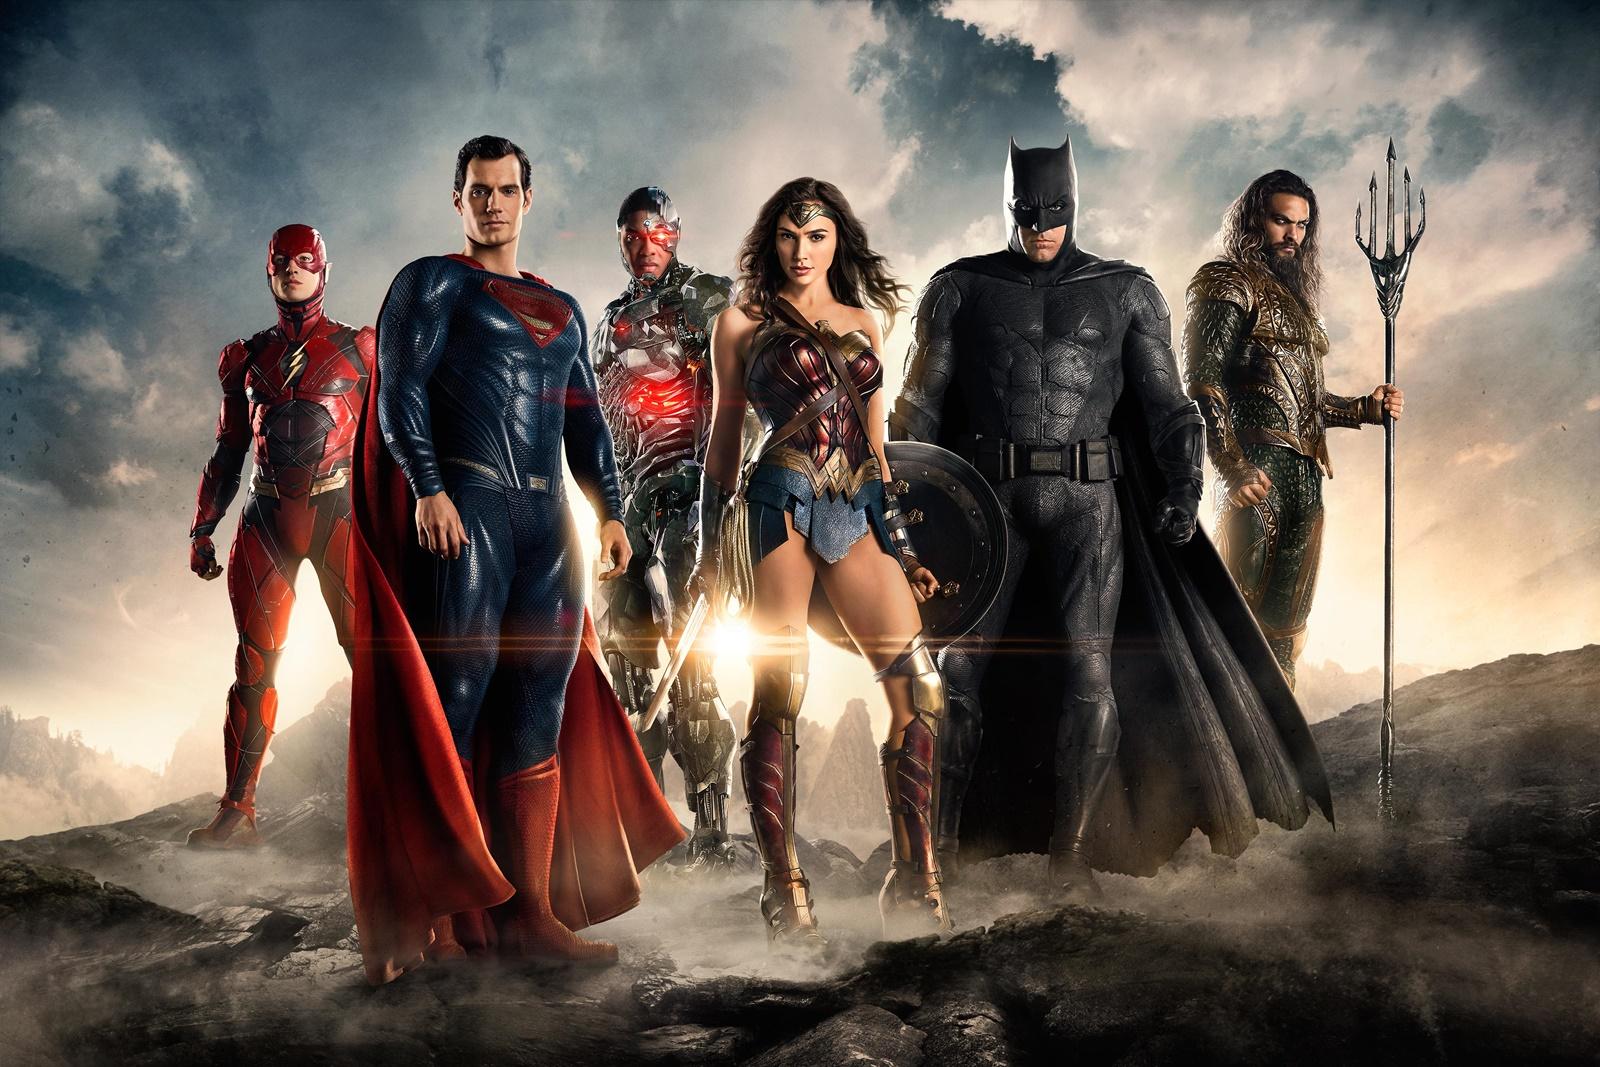 Imagem de Warner revela novos símbolos dos integrantes da Liga da Justiça; confira no tecmundo